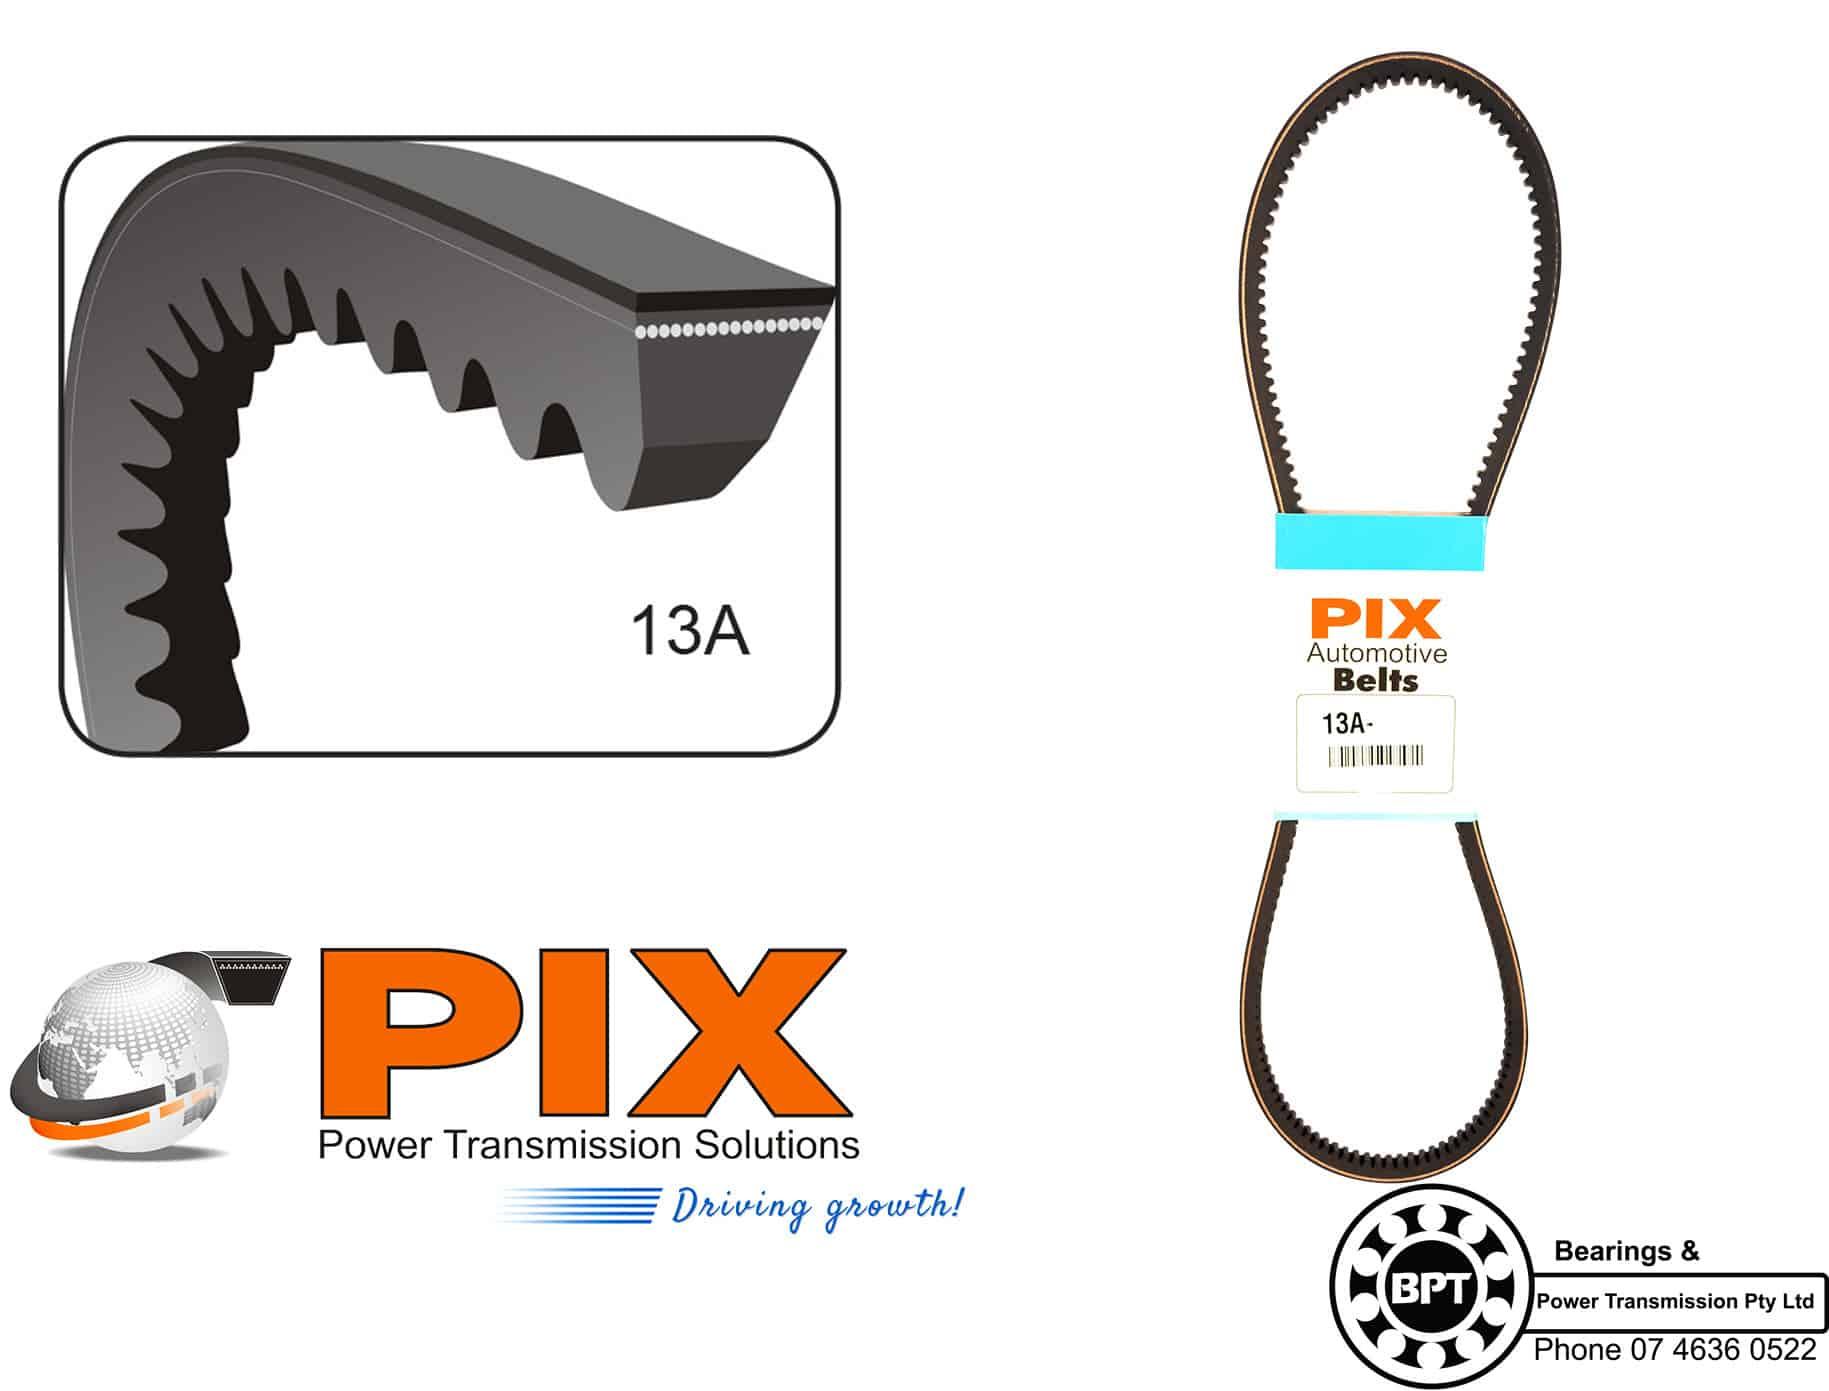 PIX 13A W